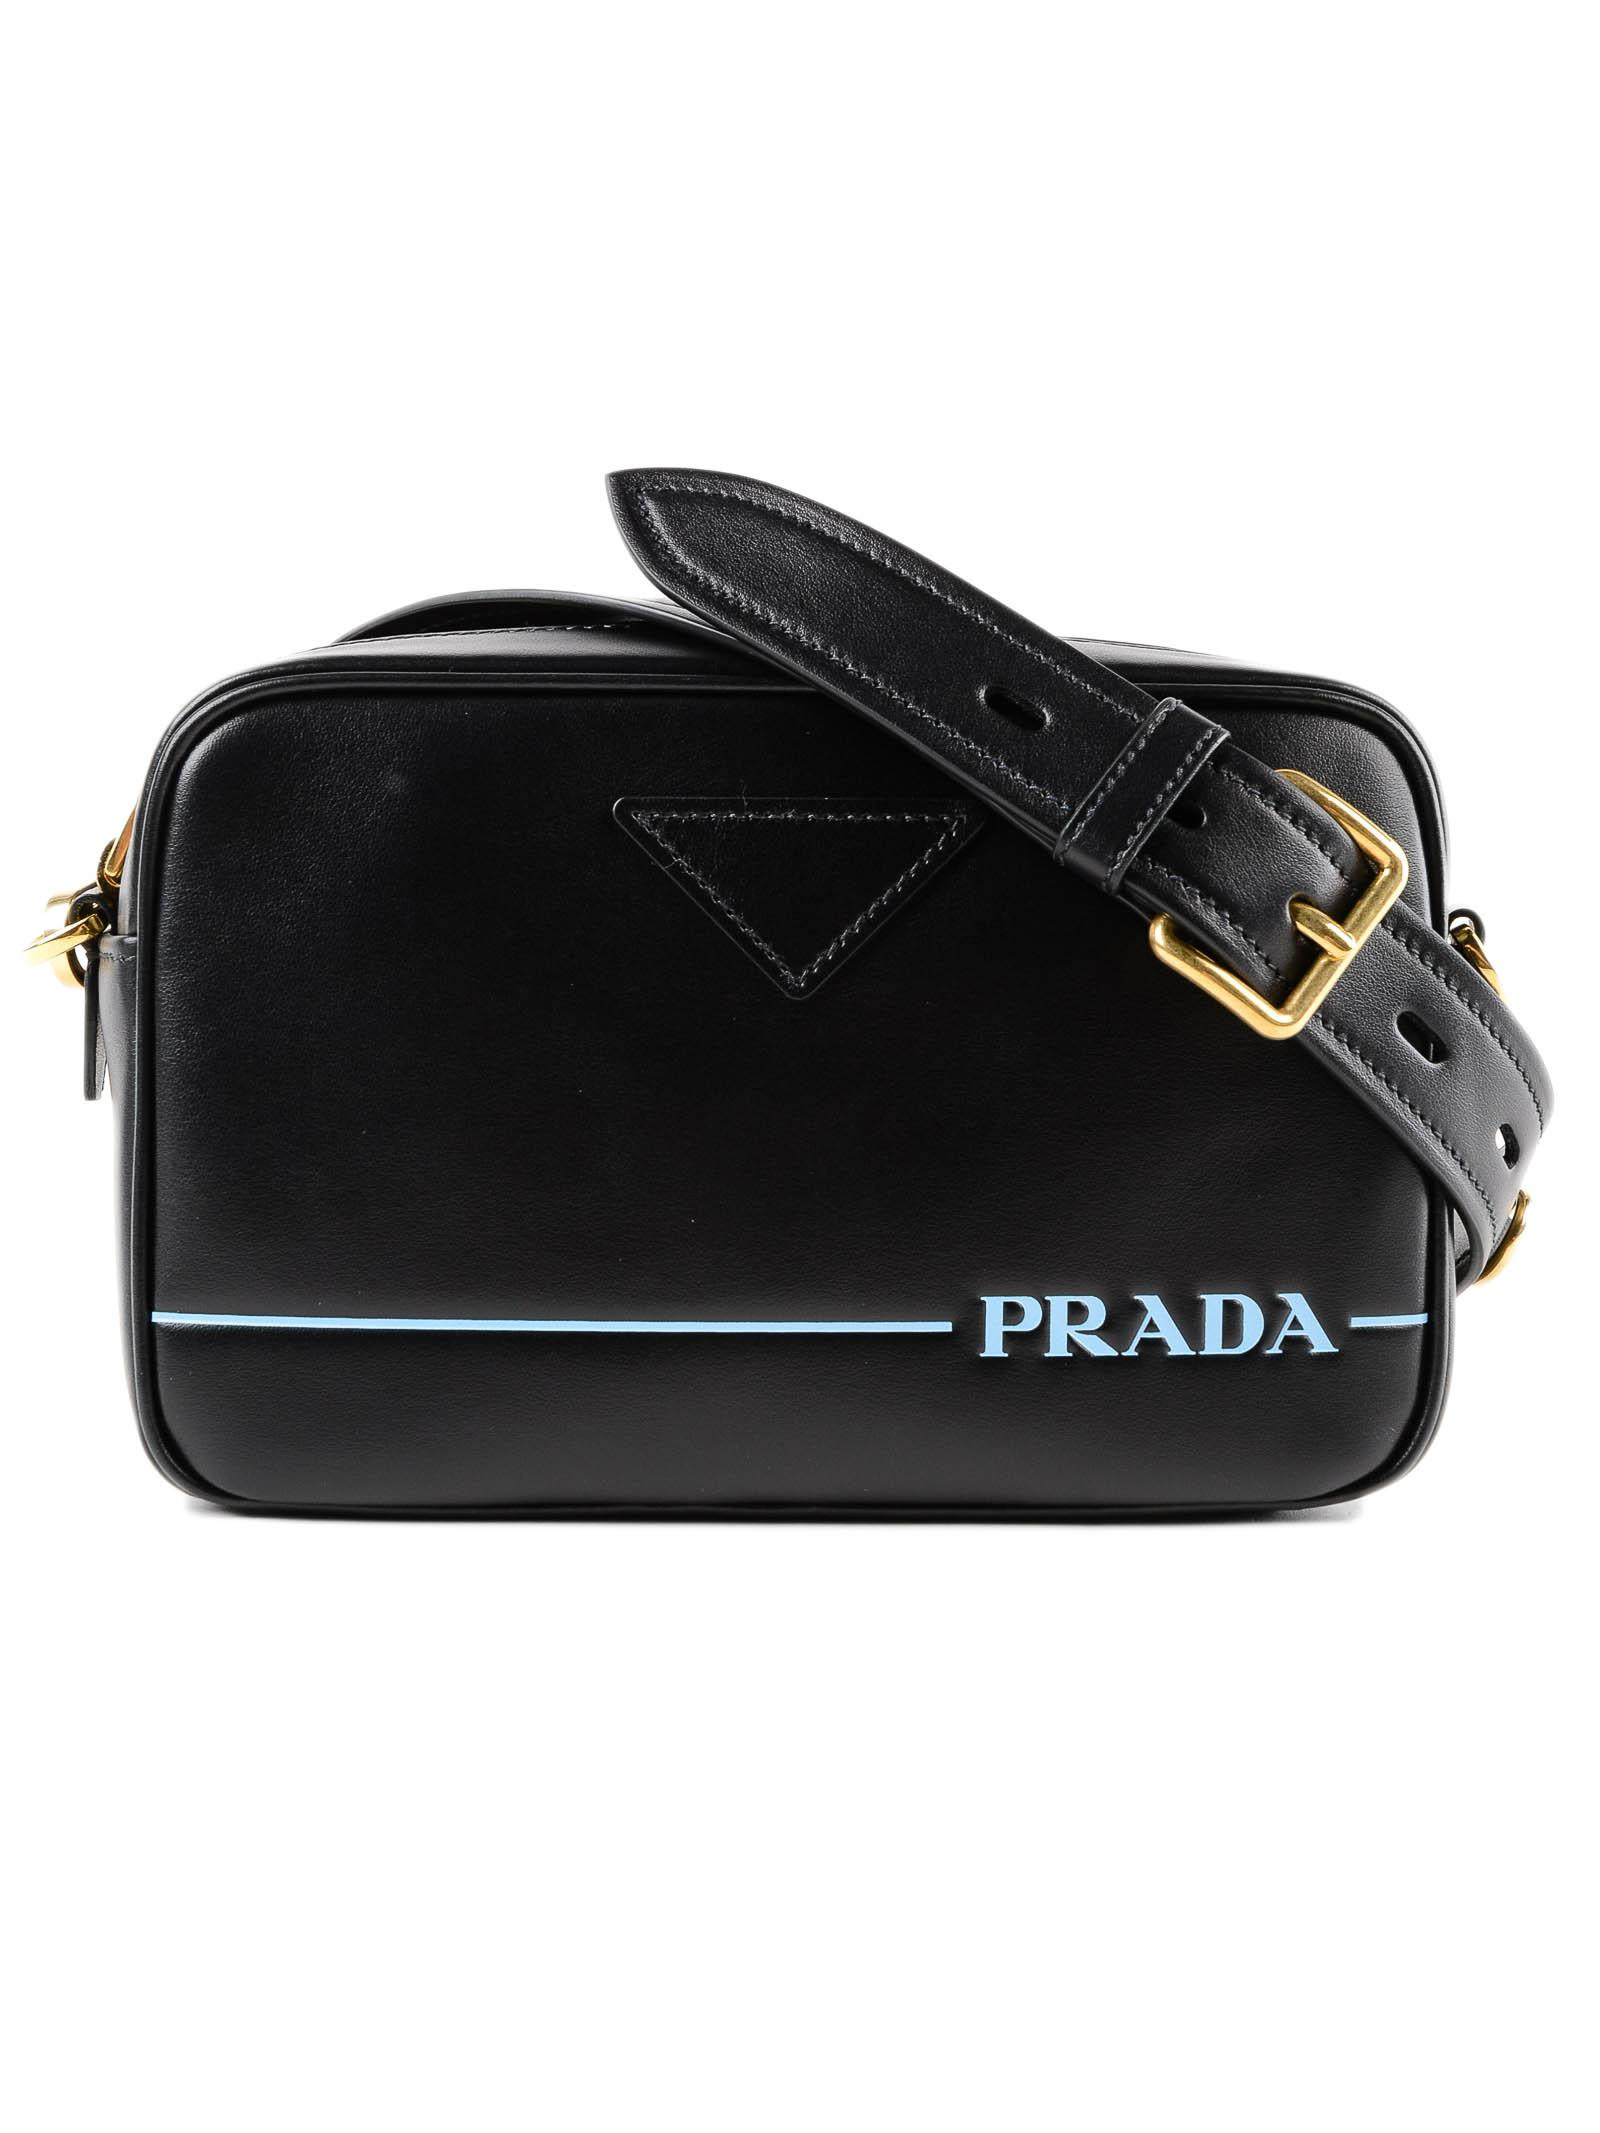 34aae15cfc99 Lyst - Prada Shoulder Bag City Calf in Black